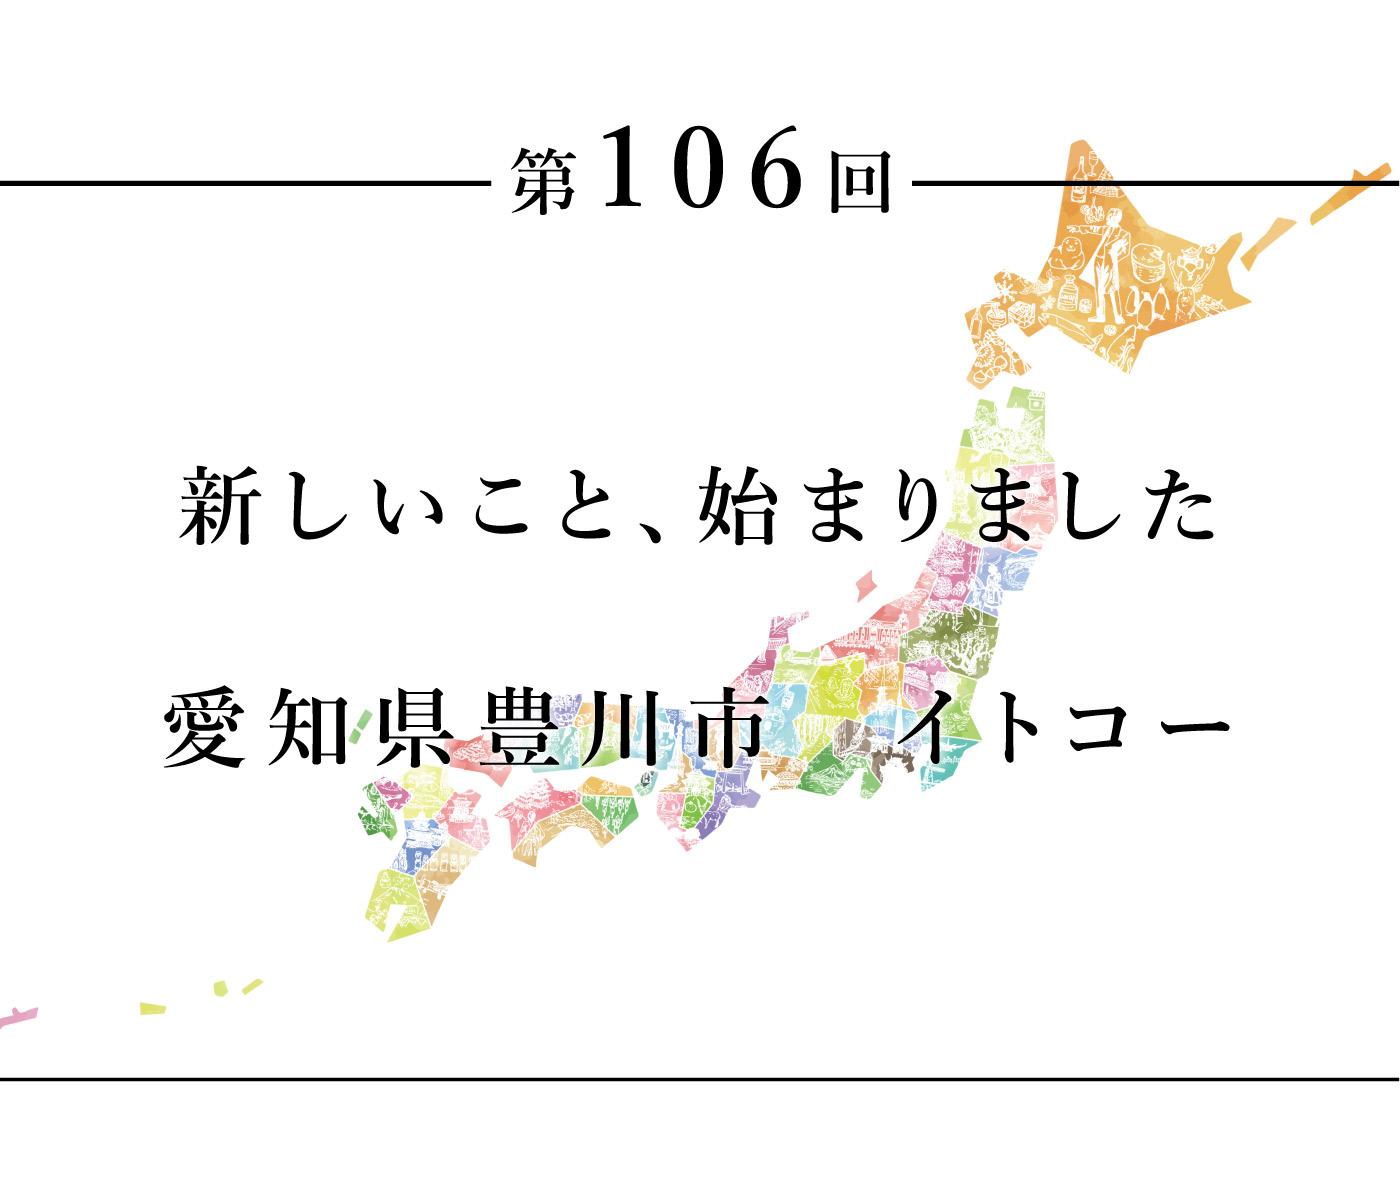 ちいきのたより第106回新しいこと、始まりました愛知県豊川市イトコー